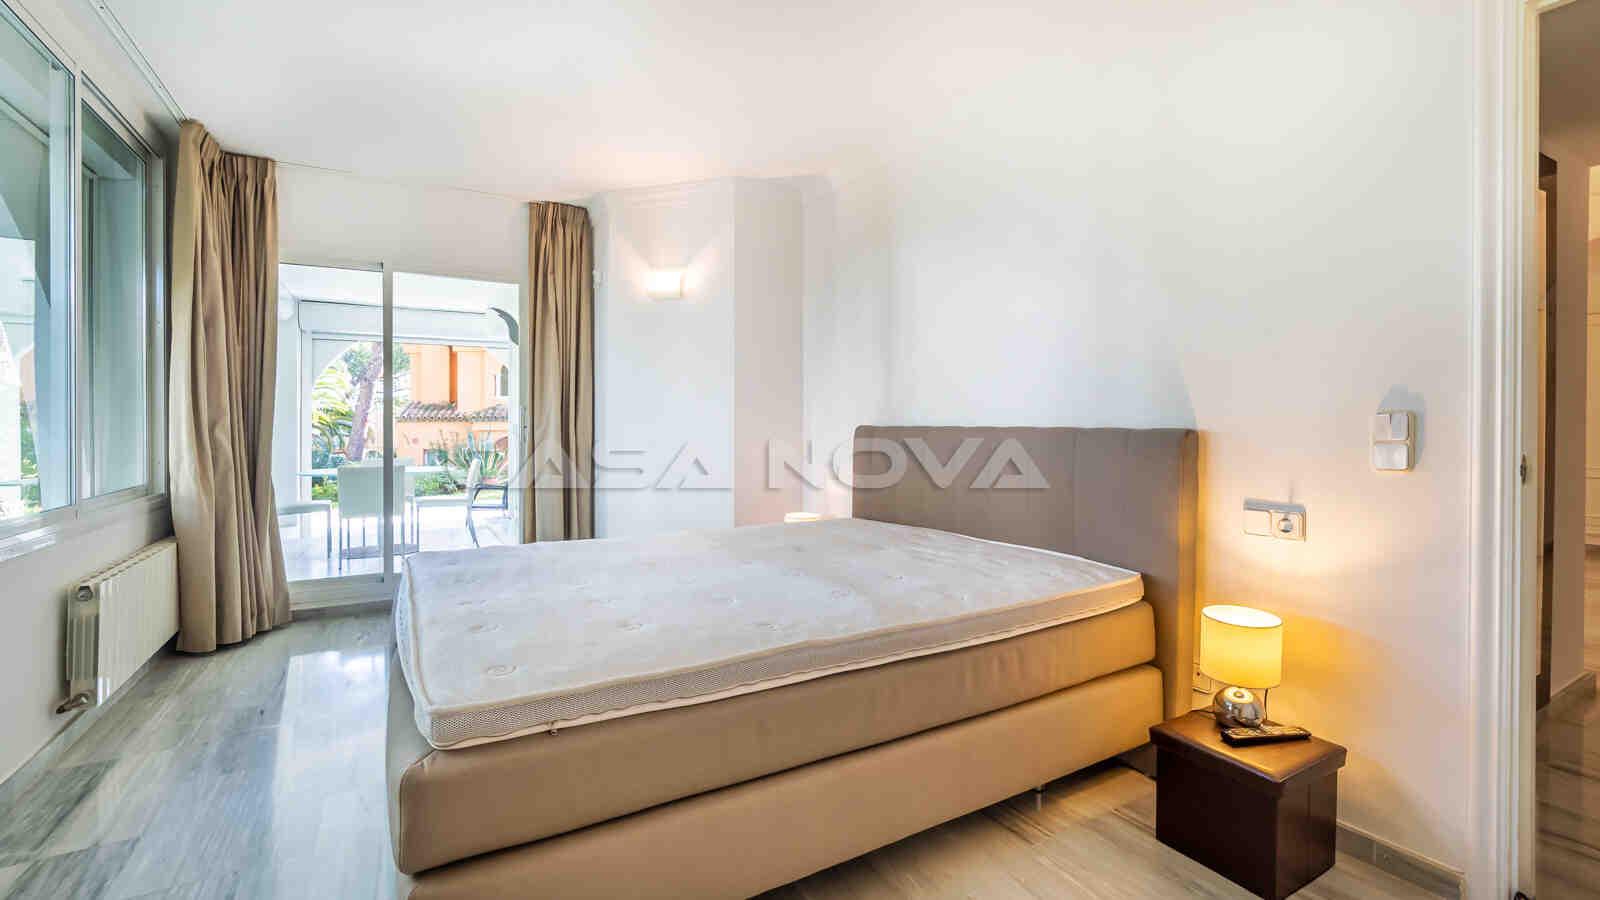 Modernes Schlafzimmer mit viel natürlichem Lichteinfall